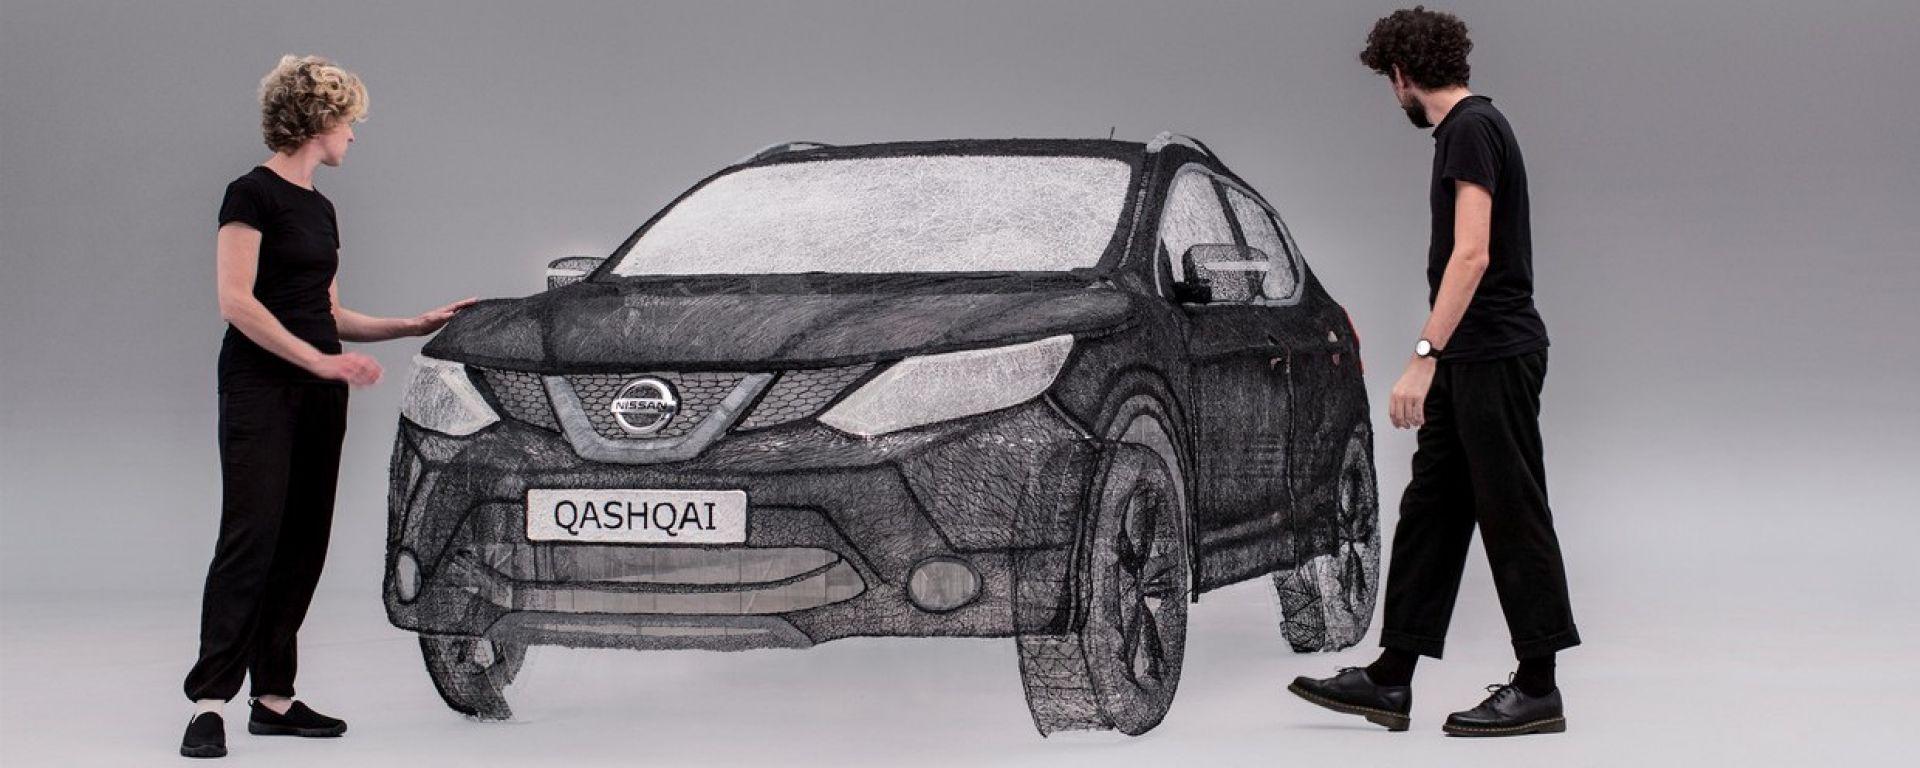 Nissan Qashqai: c'è chi l'ha fatta con la penna 3D (video)